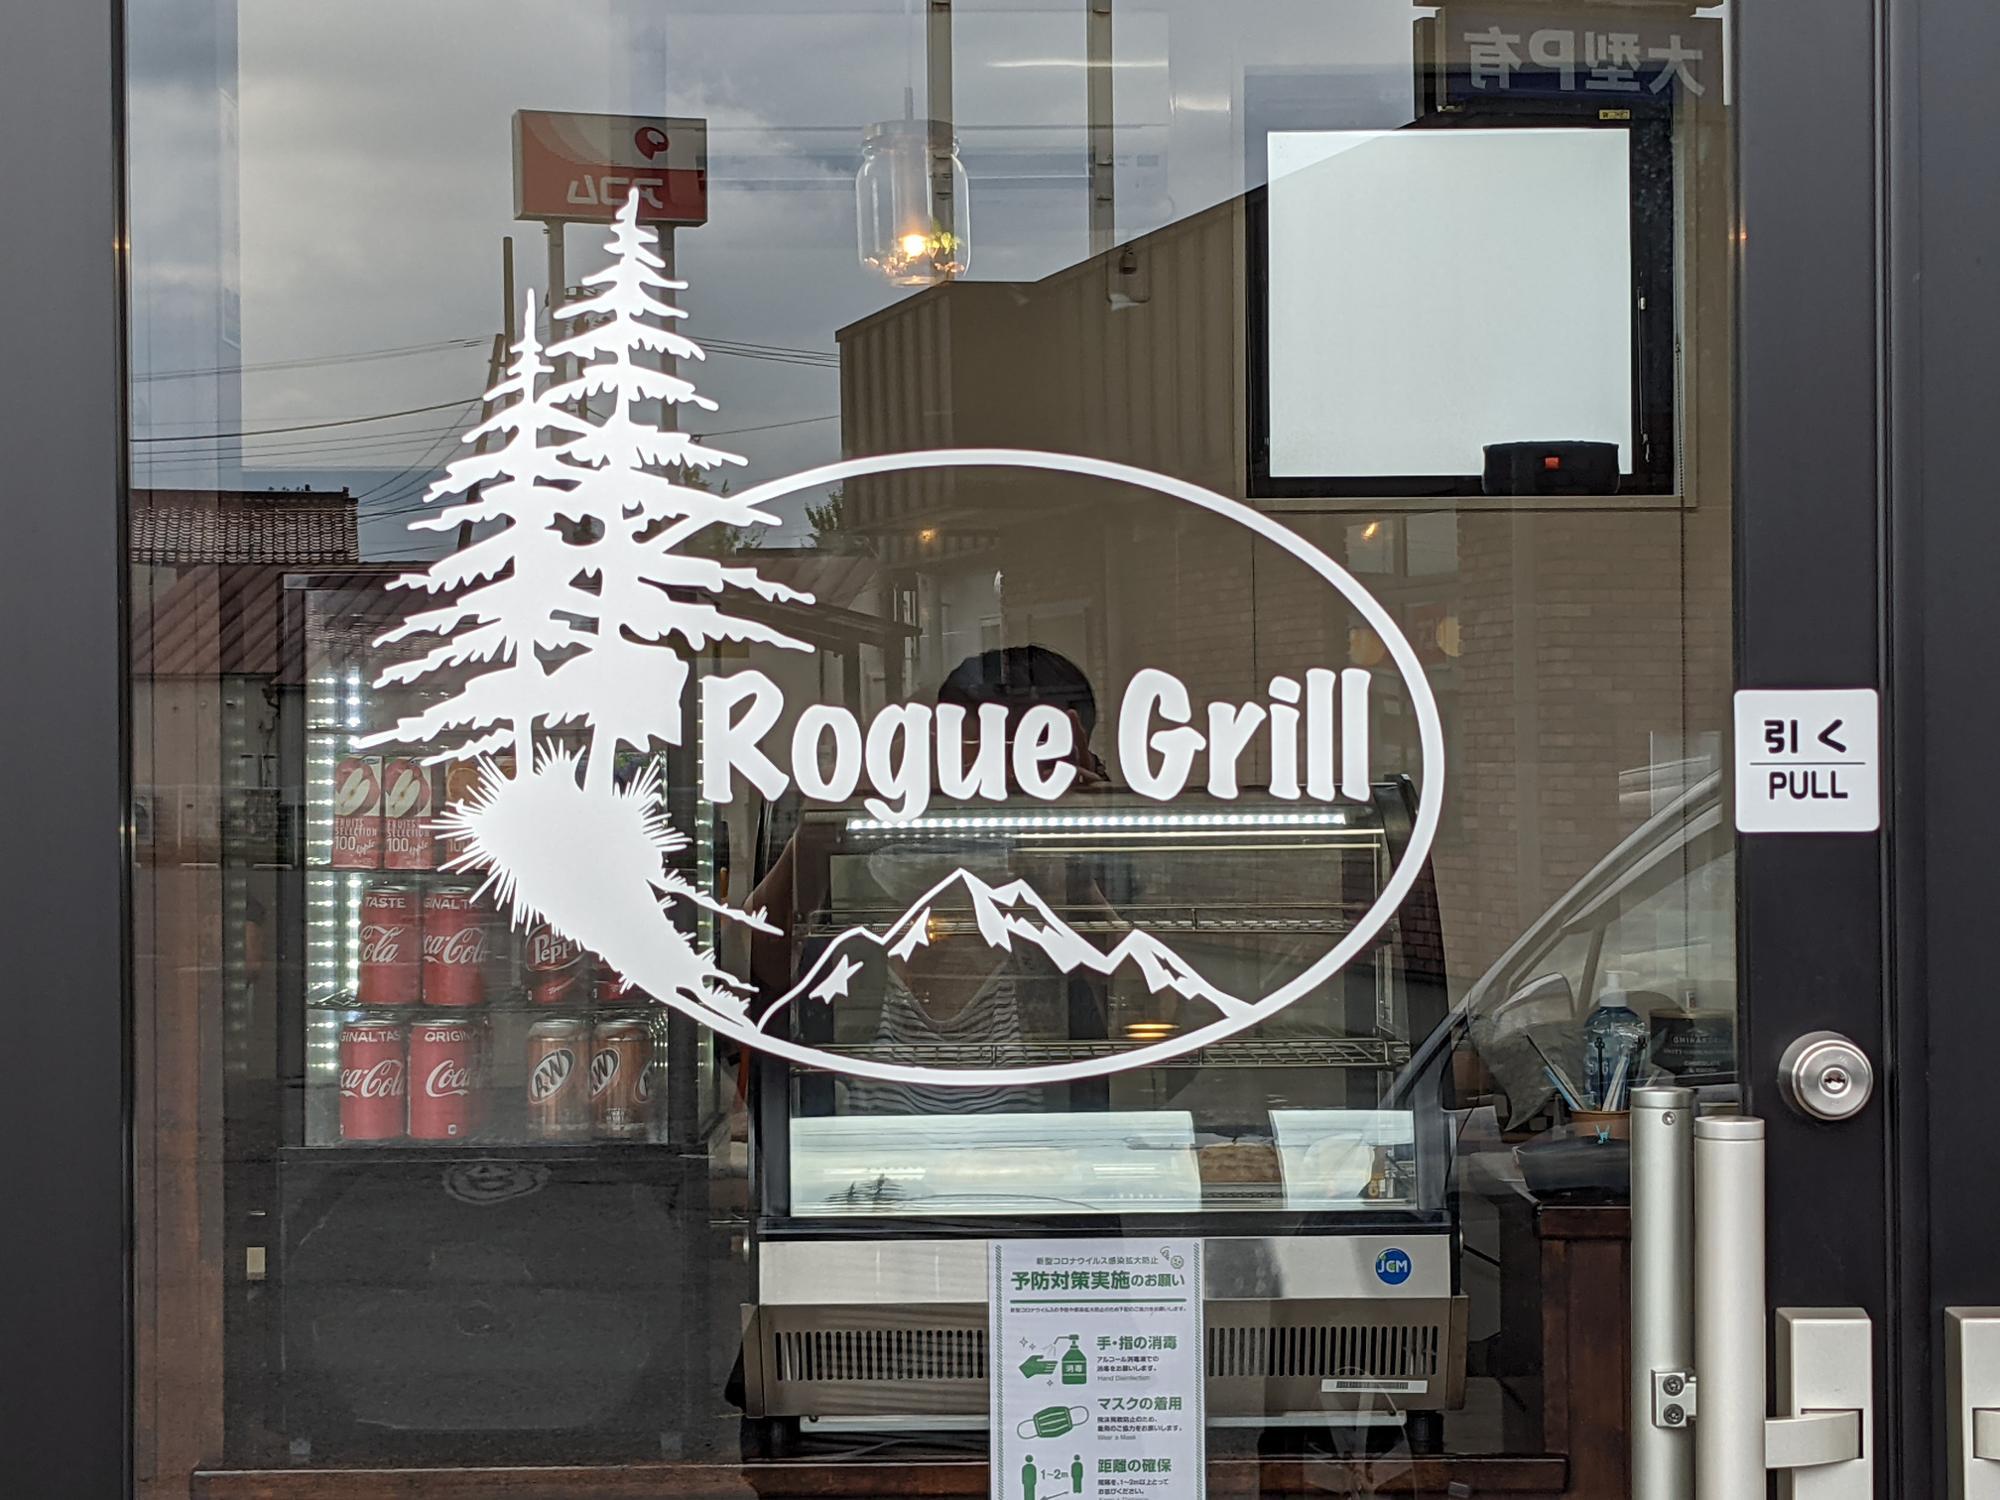 お店のロゴに描かれているのは、オレゴン州の雄大な自然。本物のアメリカを味わって欲しいという願いが感じられますね。